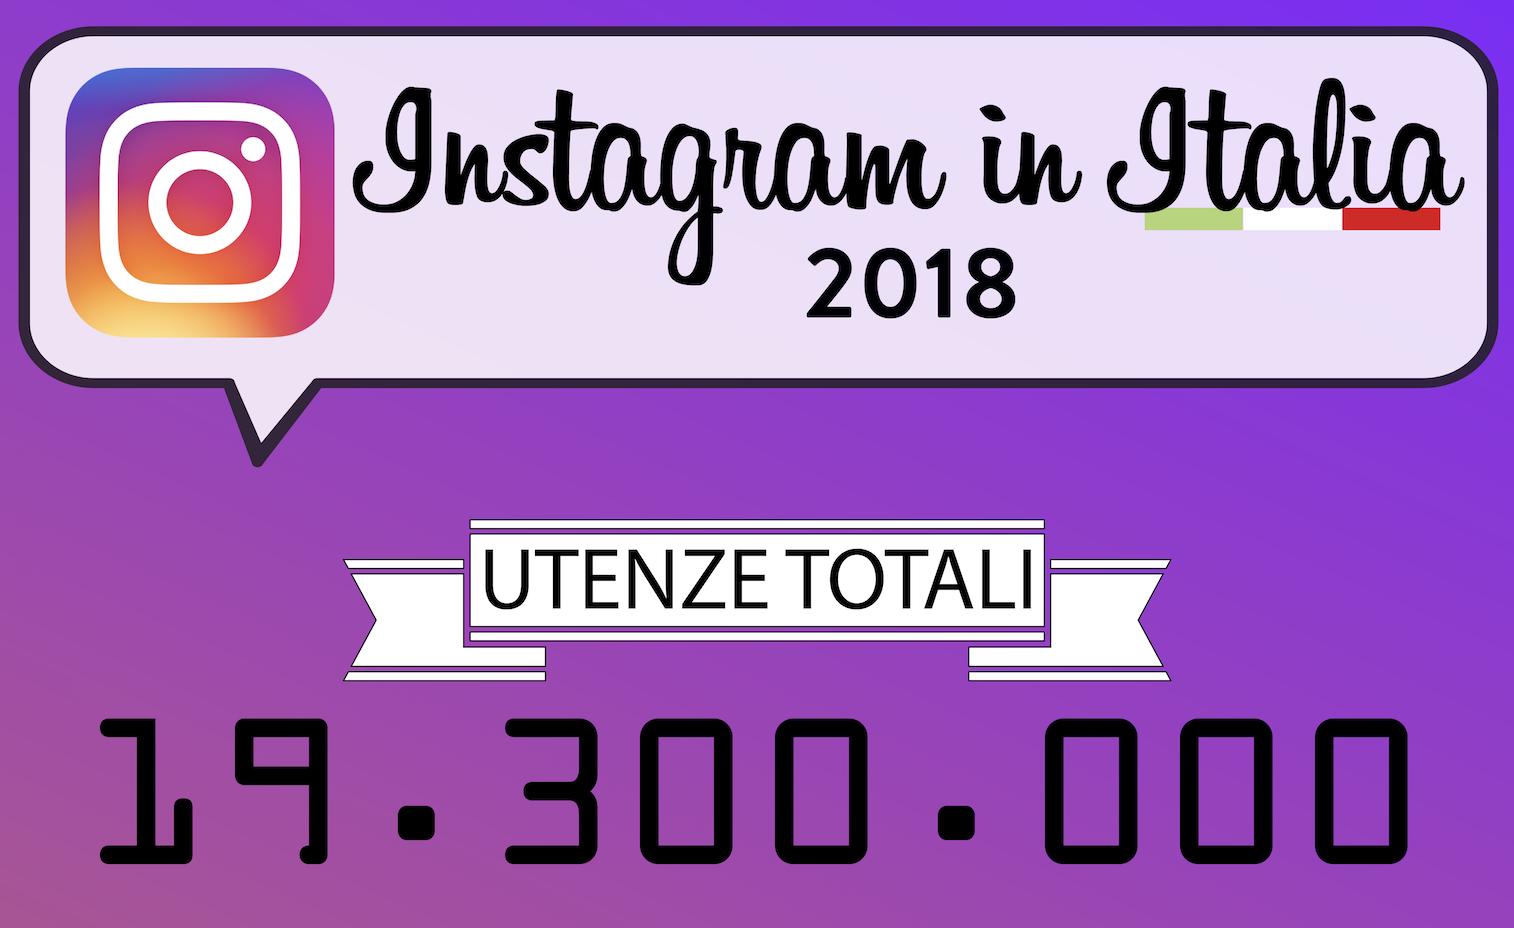 Dati Instagram in Italia 2018: sull'app oltre il 30% della popolazione